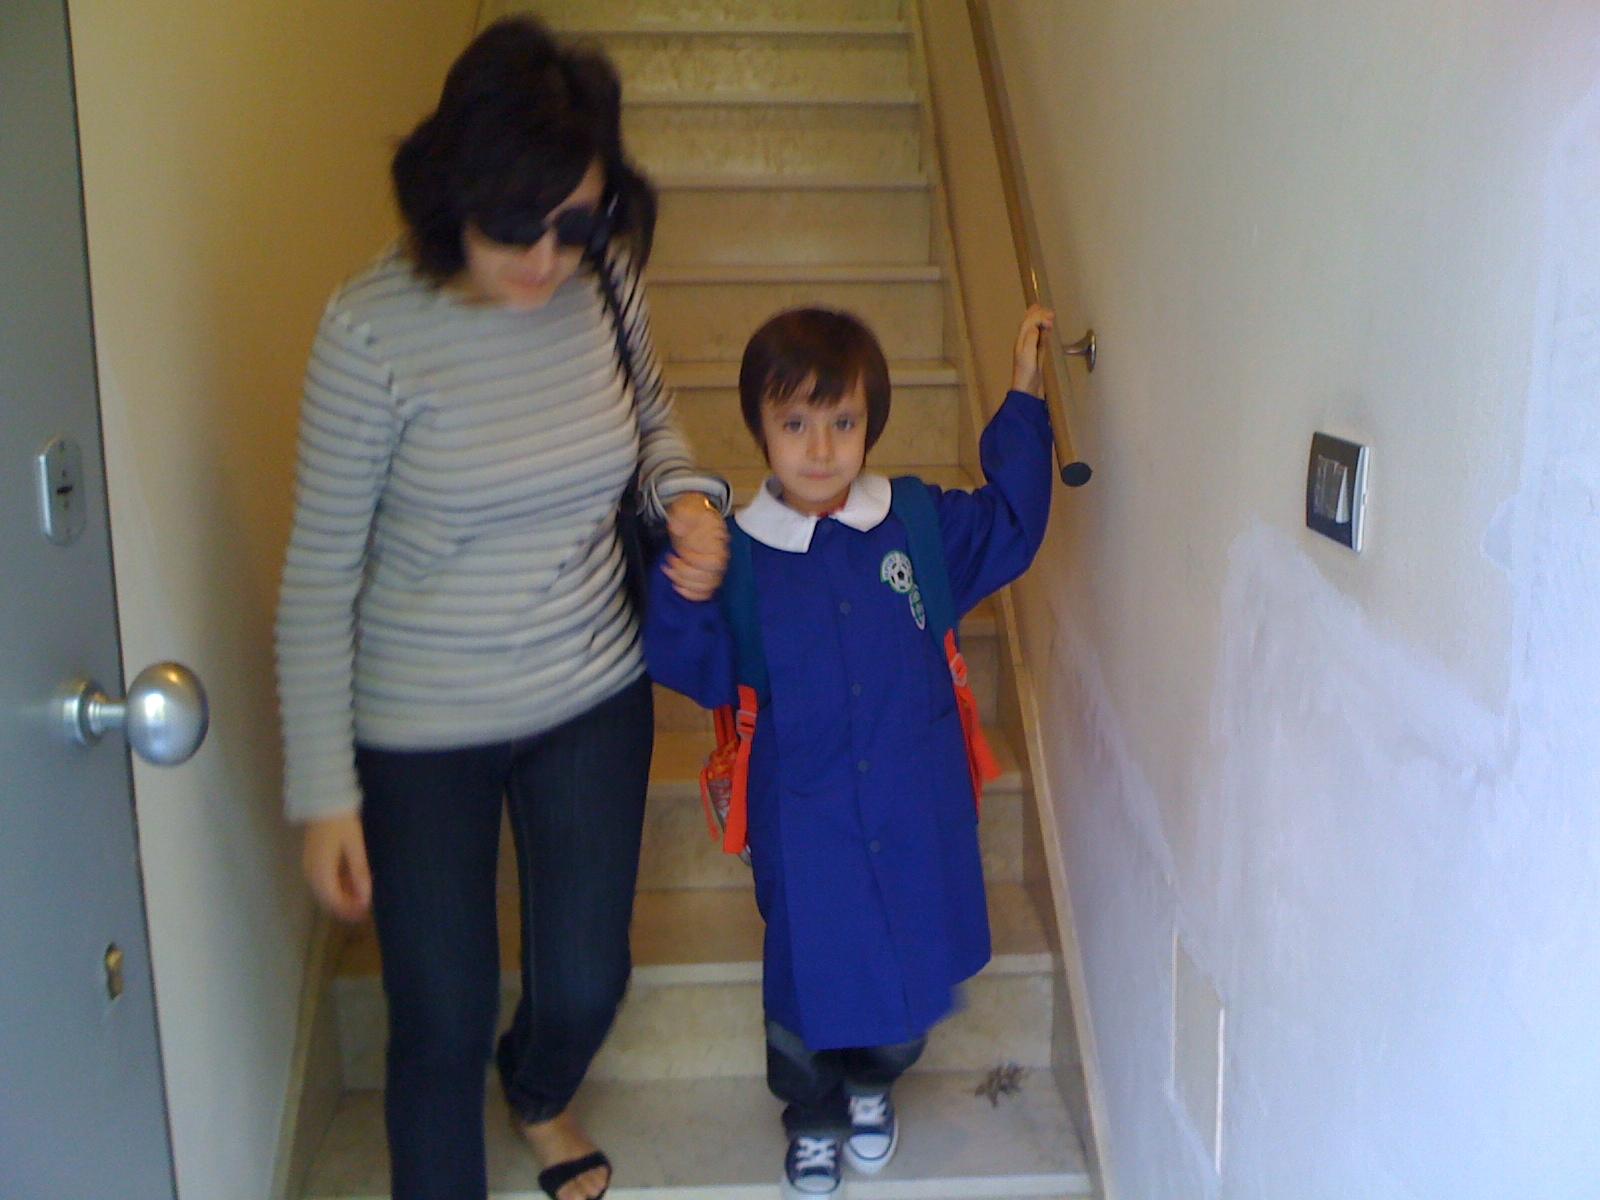 http://2.bp.blogspot.com/_vi-xXs-qr6g/TJp6qvjzKnI/AAAAAAAAGH8/NbhmU2lL4ng/s1600/School-PrimoGiorno.JPG